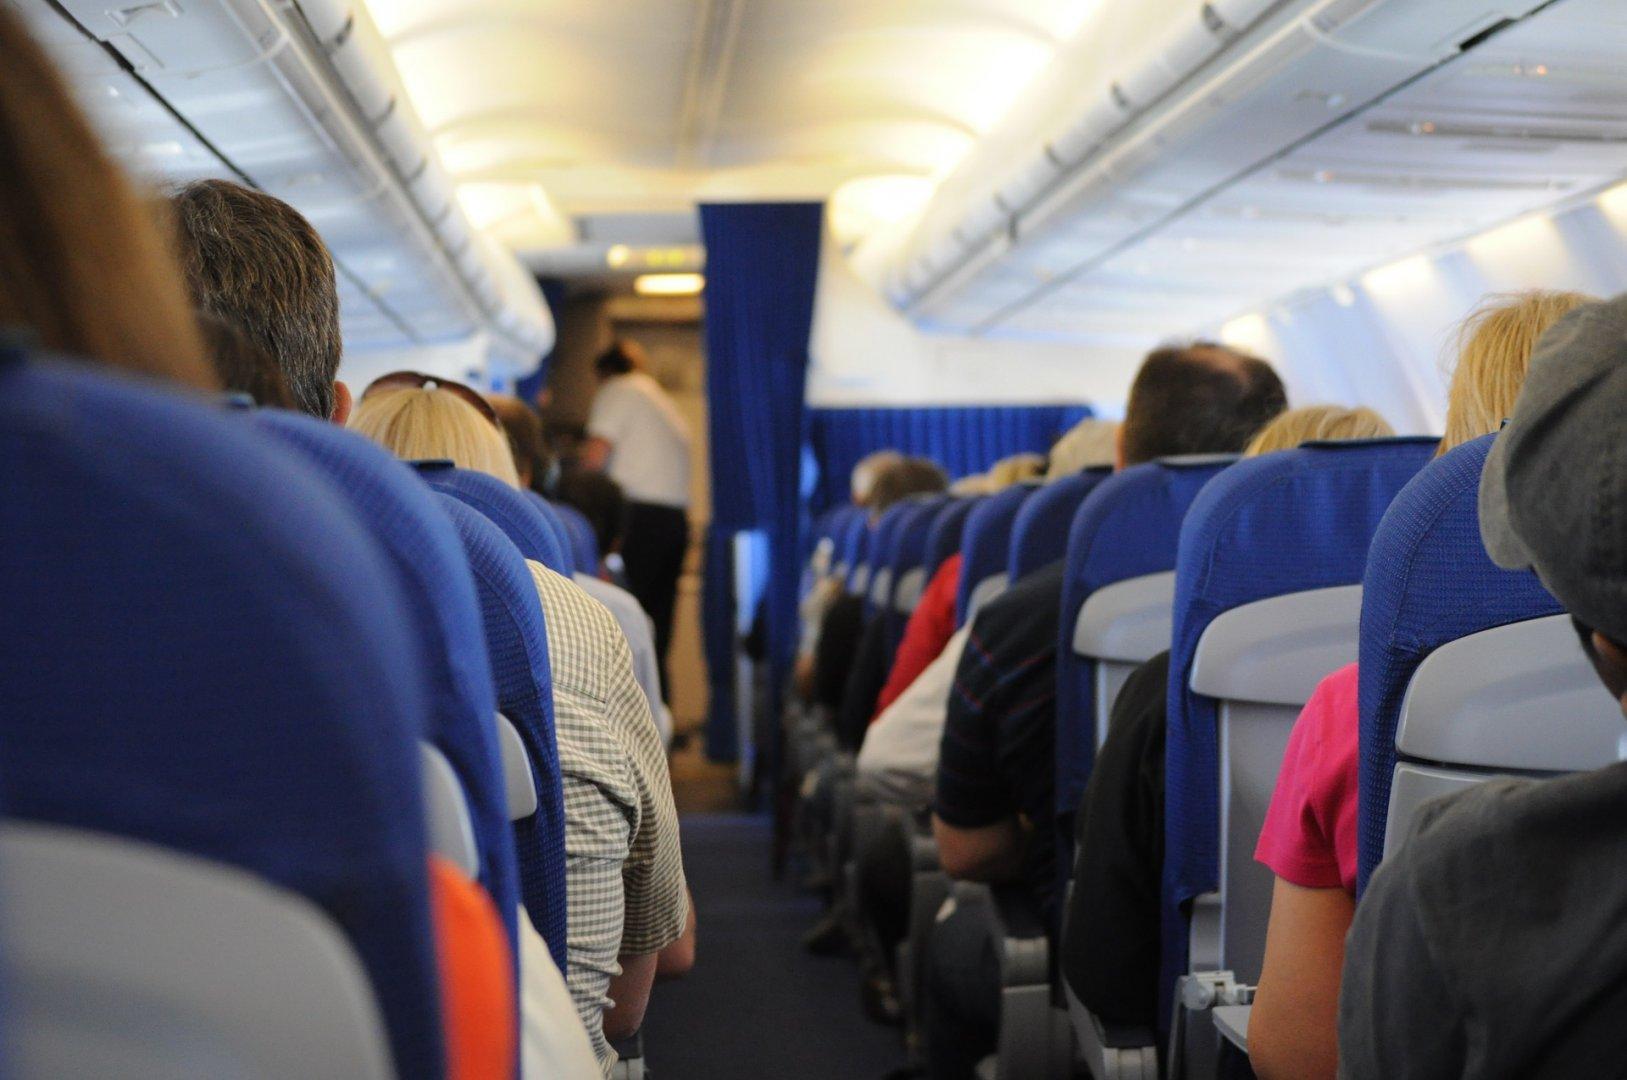 Сколько будет стоит полёт из Астаны в Алматы на лоукостере